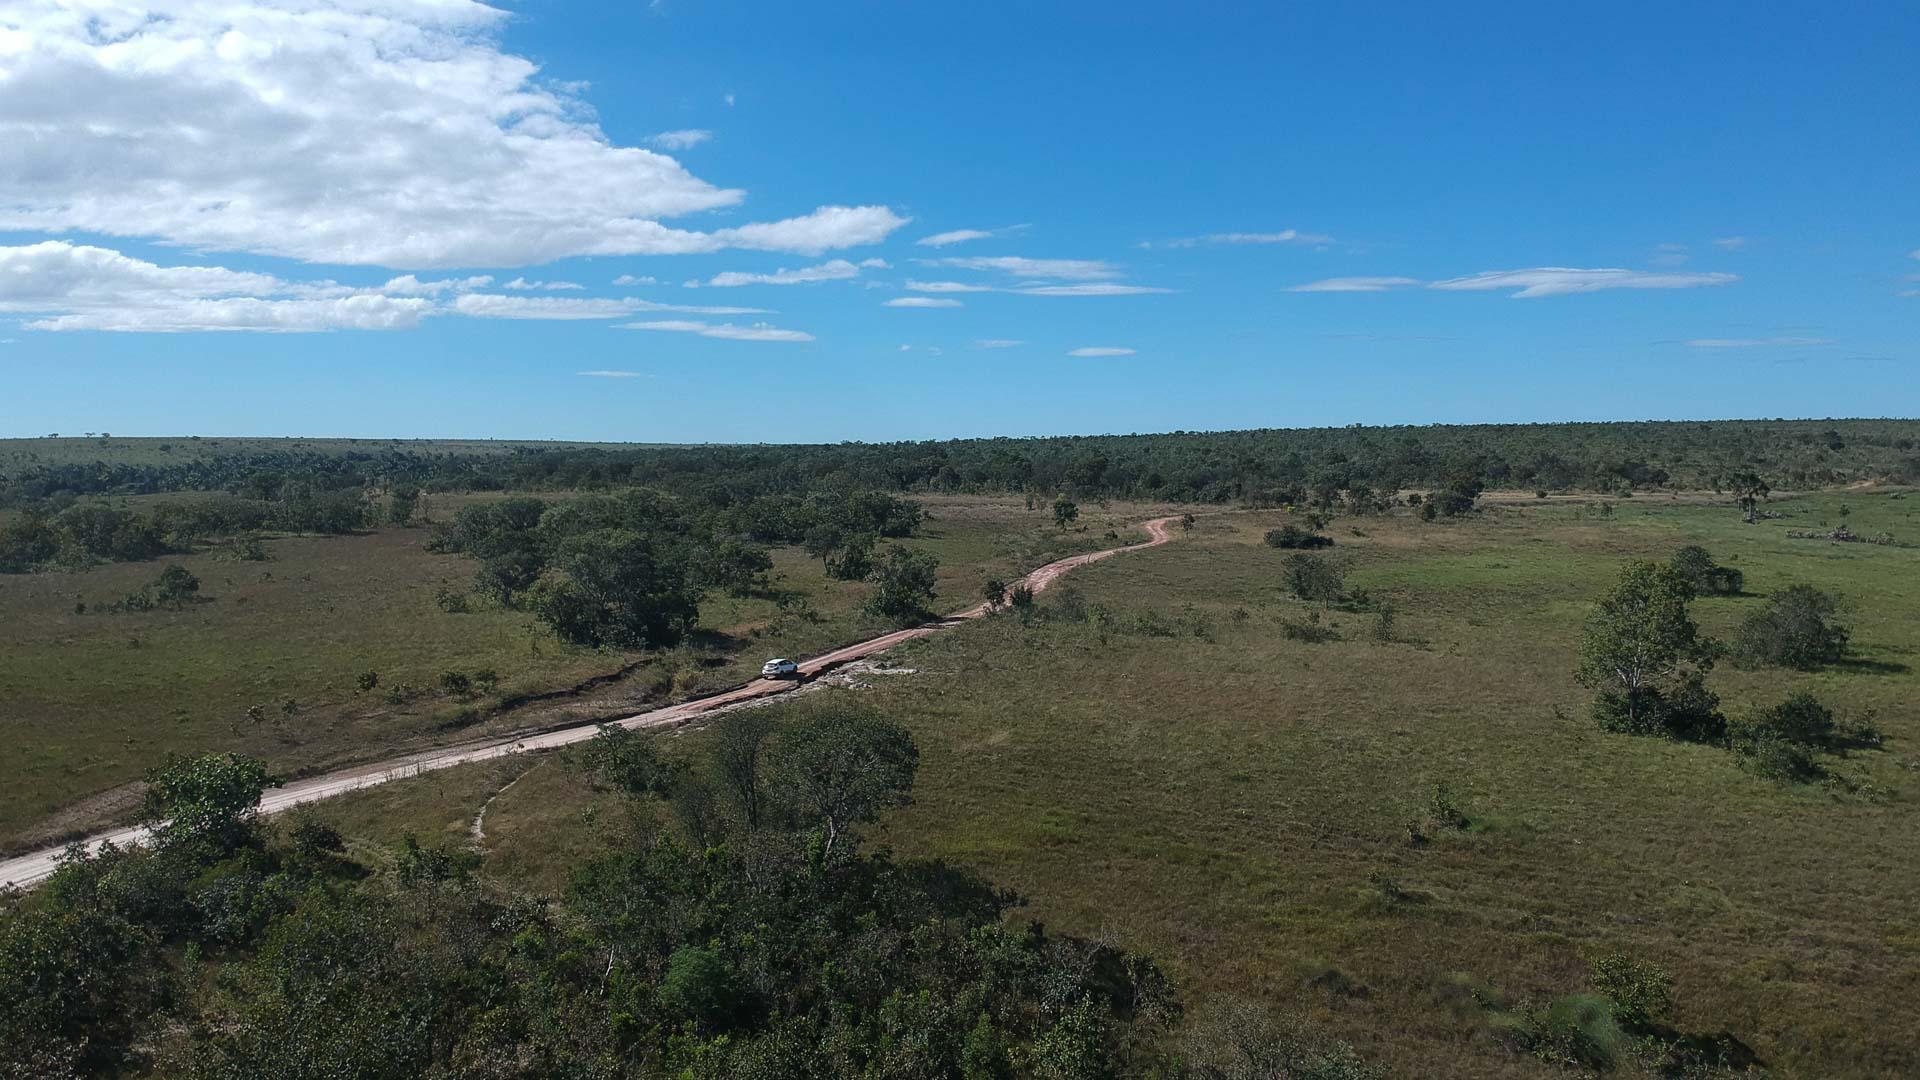 imagem aérea das serras gerais no tocantins